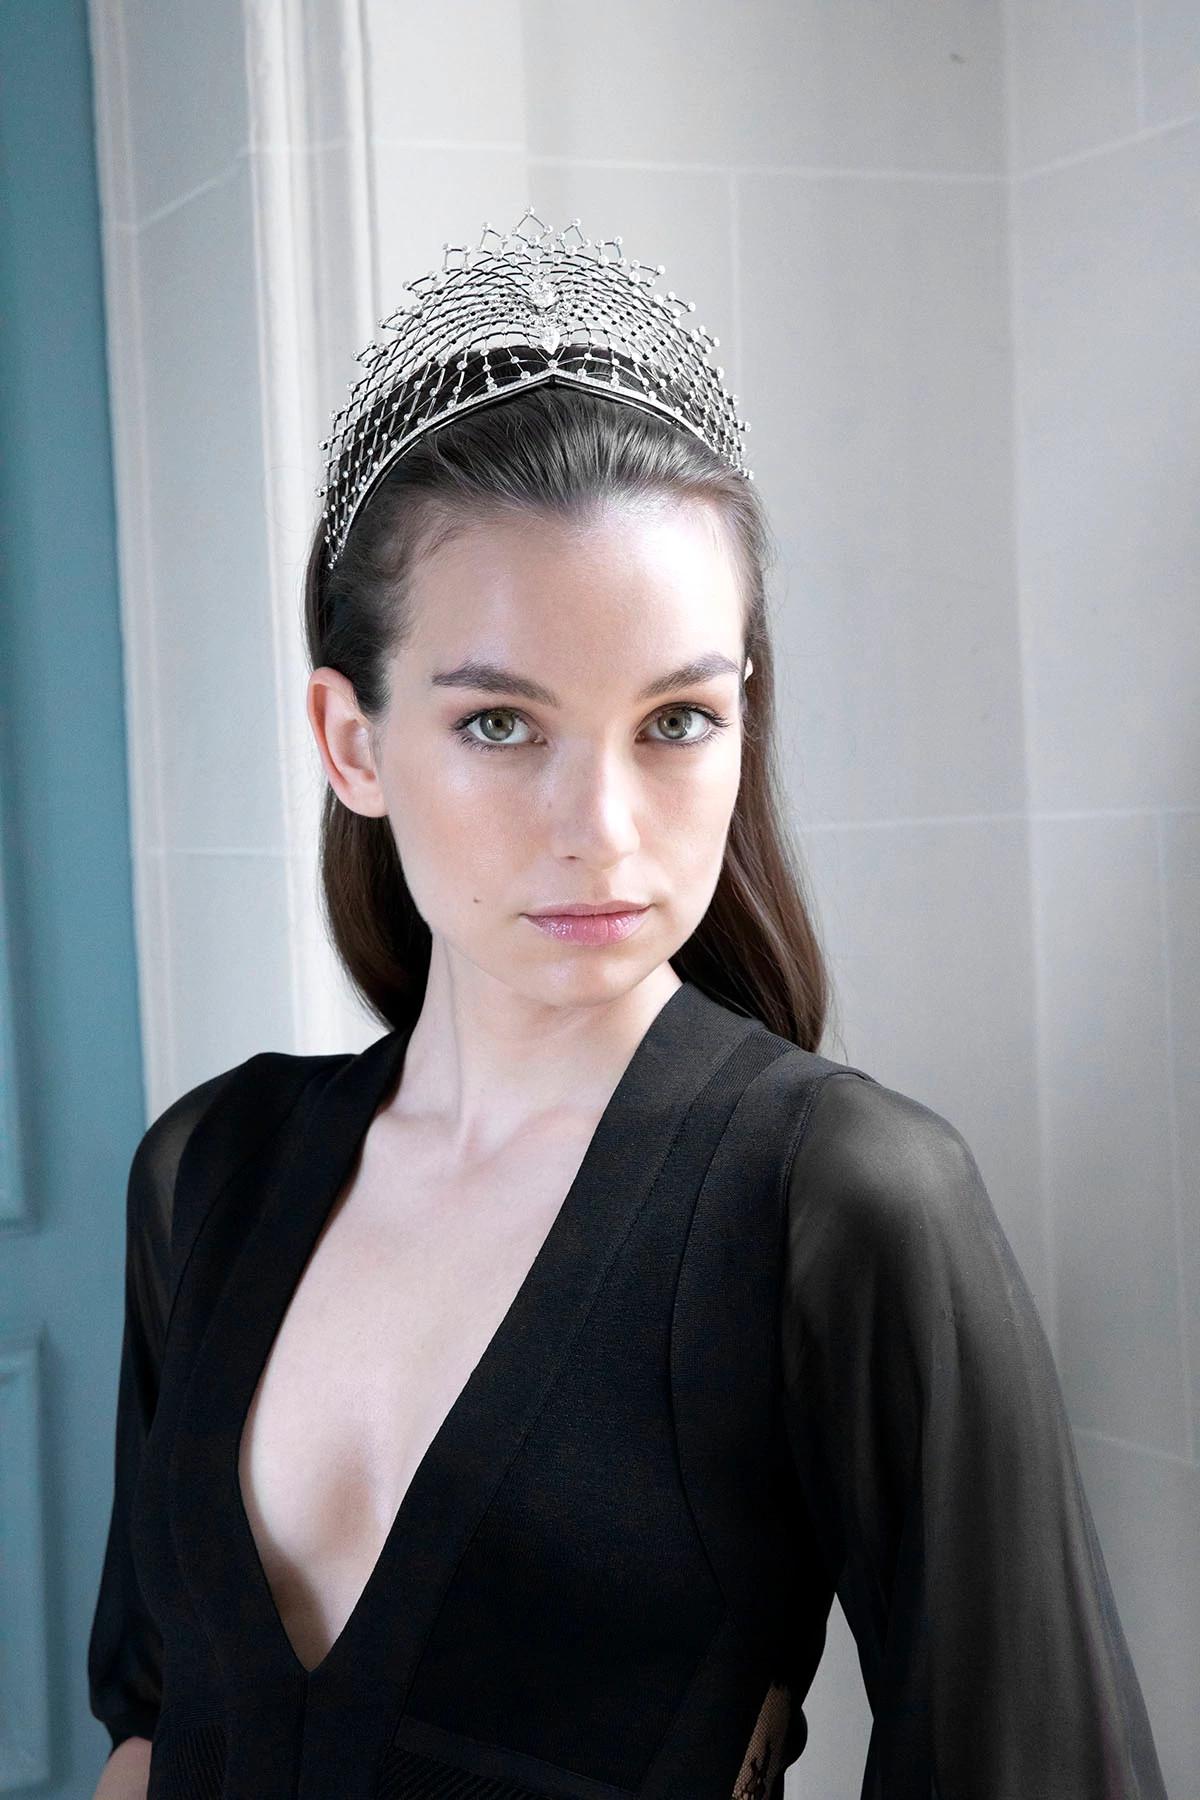 尚美巴黎Lacis高级珠宝系列冕状头饰